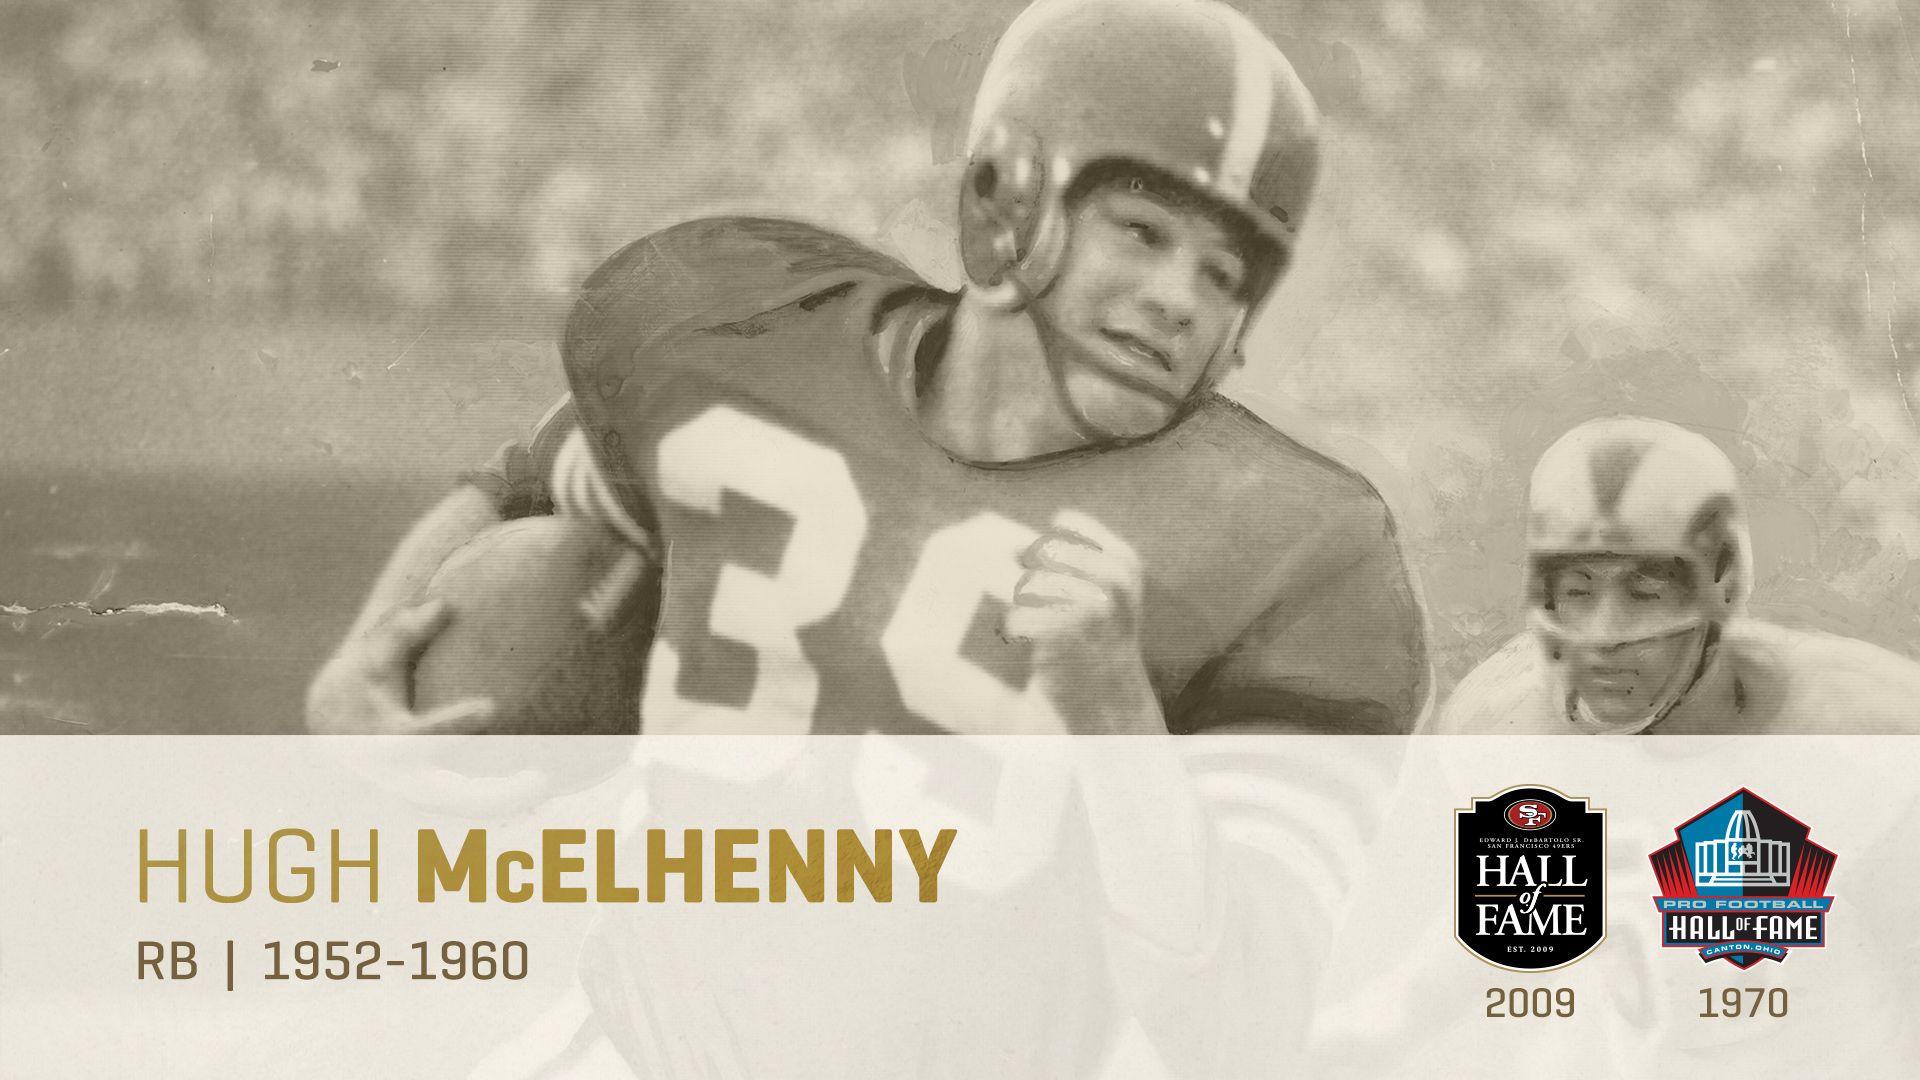 McELHENNY-HOF